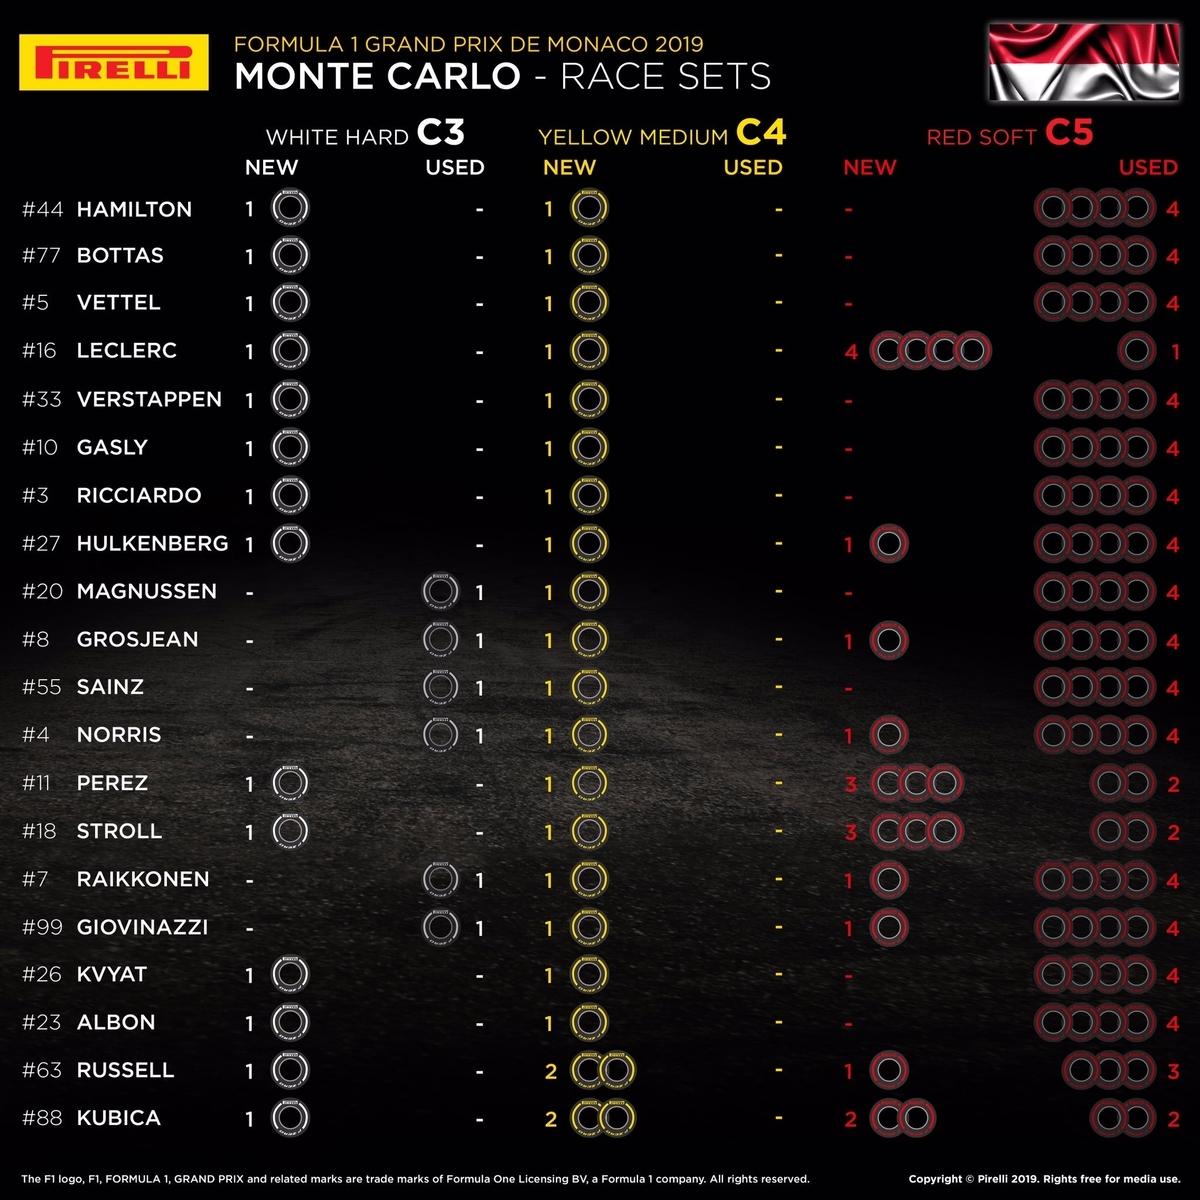 F1 モナコグランプリ 2019 決勝 タイヤレースセット